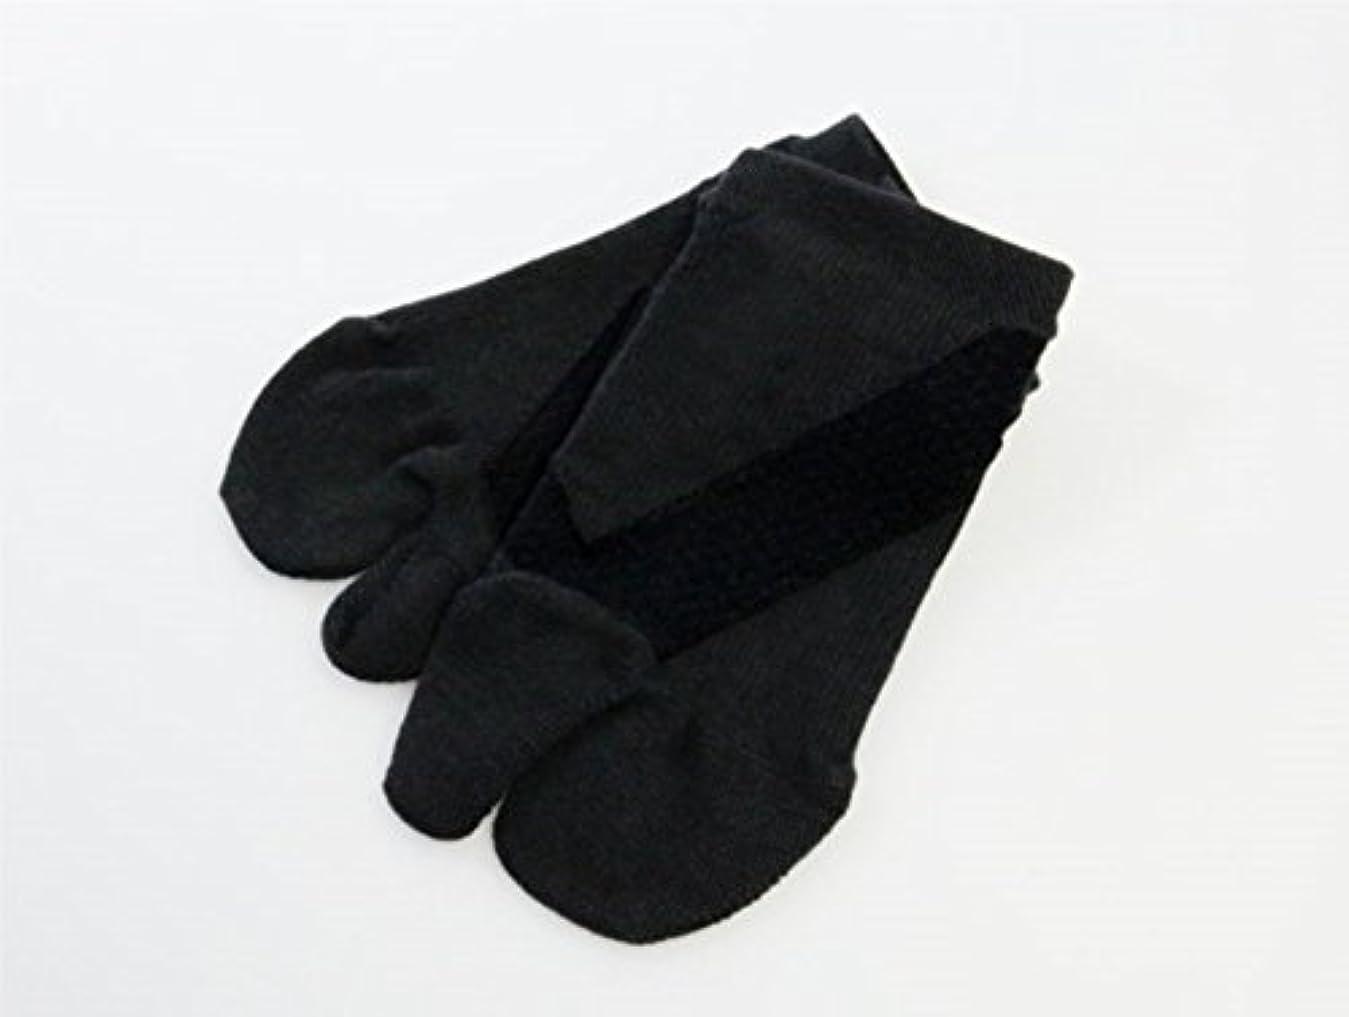 パイロット特許禁止さとう式 フレクサーソックス スニーカータイプ 黒 (S) 足袋型